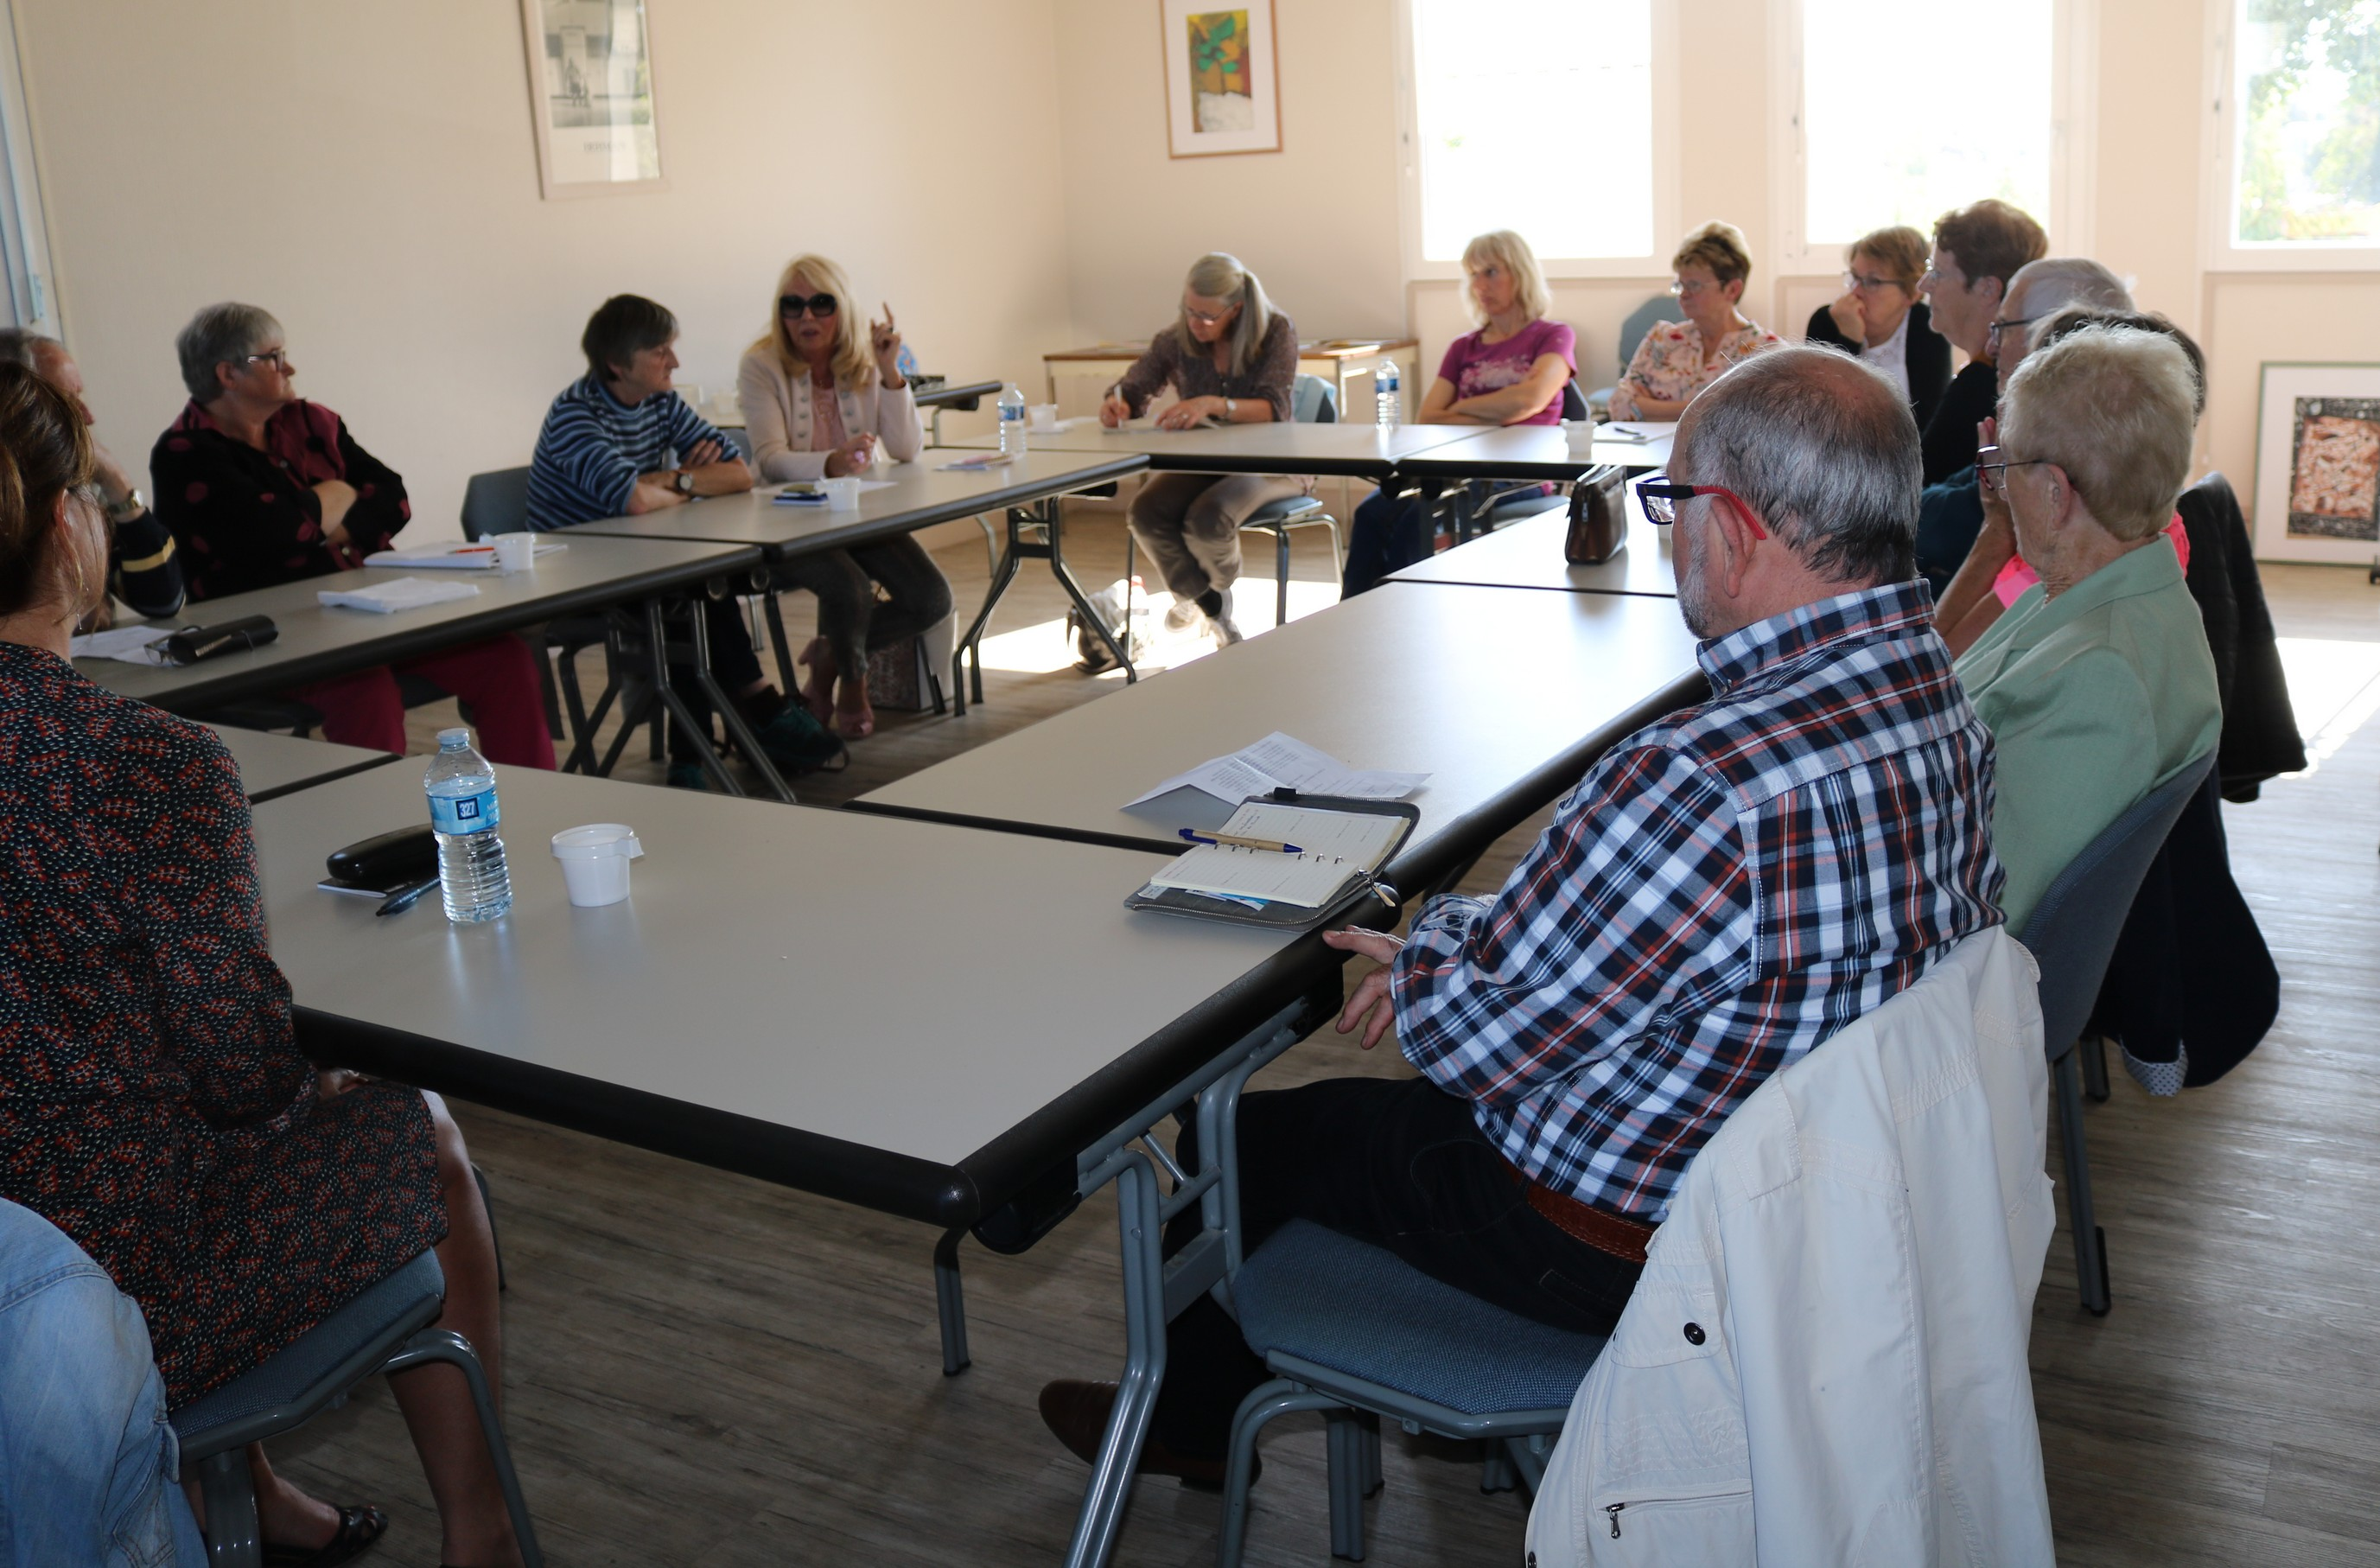 Jeudi19 septembre 2019 : lancement du groupe de parole de pair-aidance au sein de l'Adapei de l'Orne